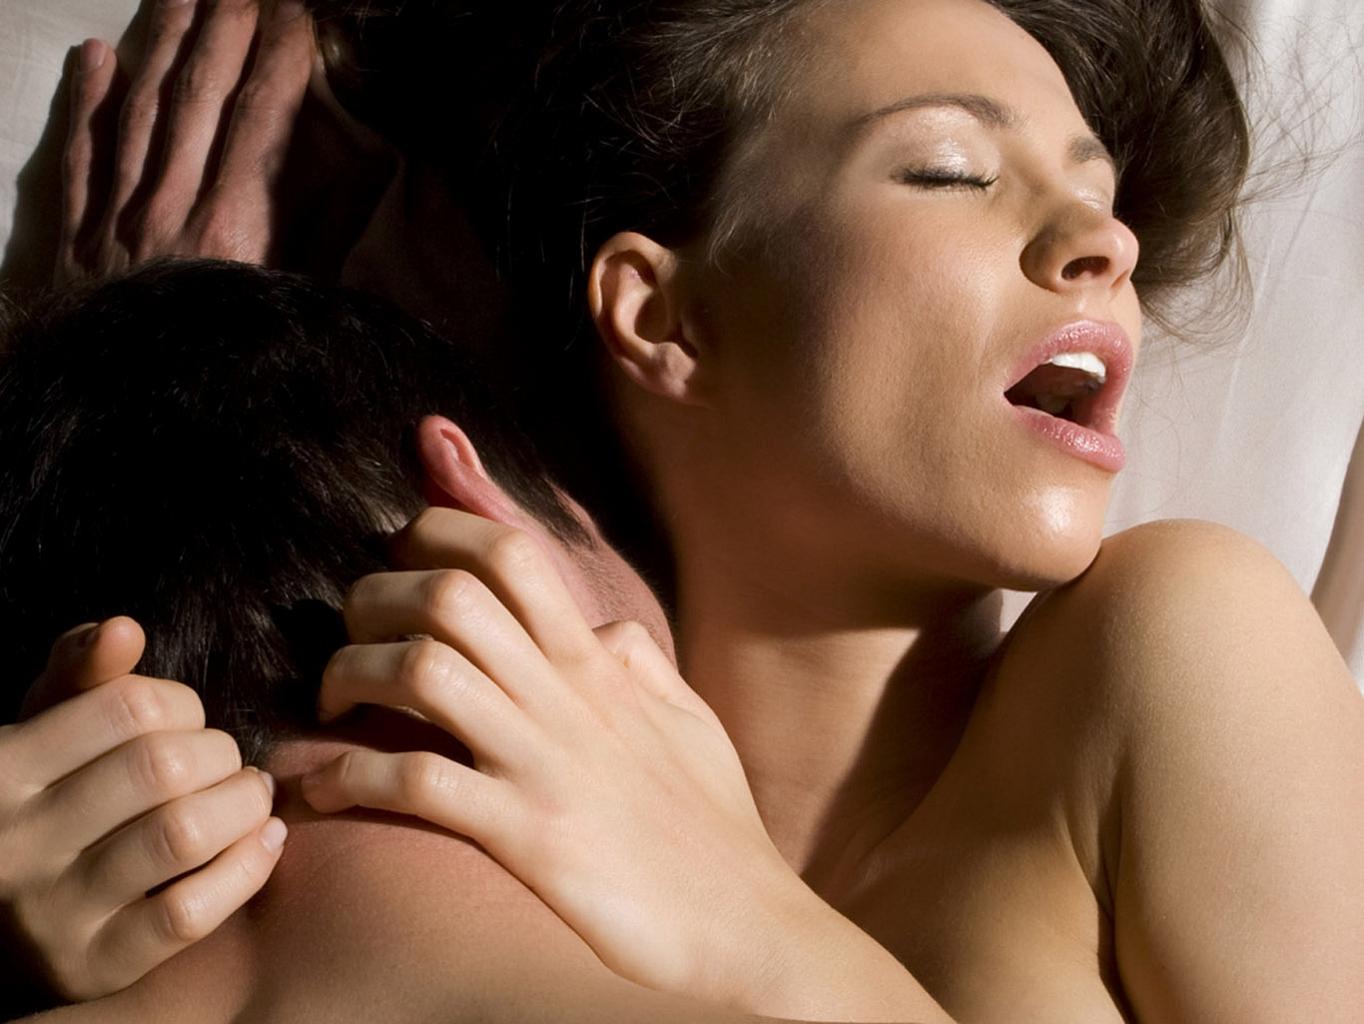 Ways to make her orgasm